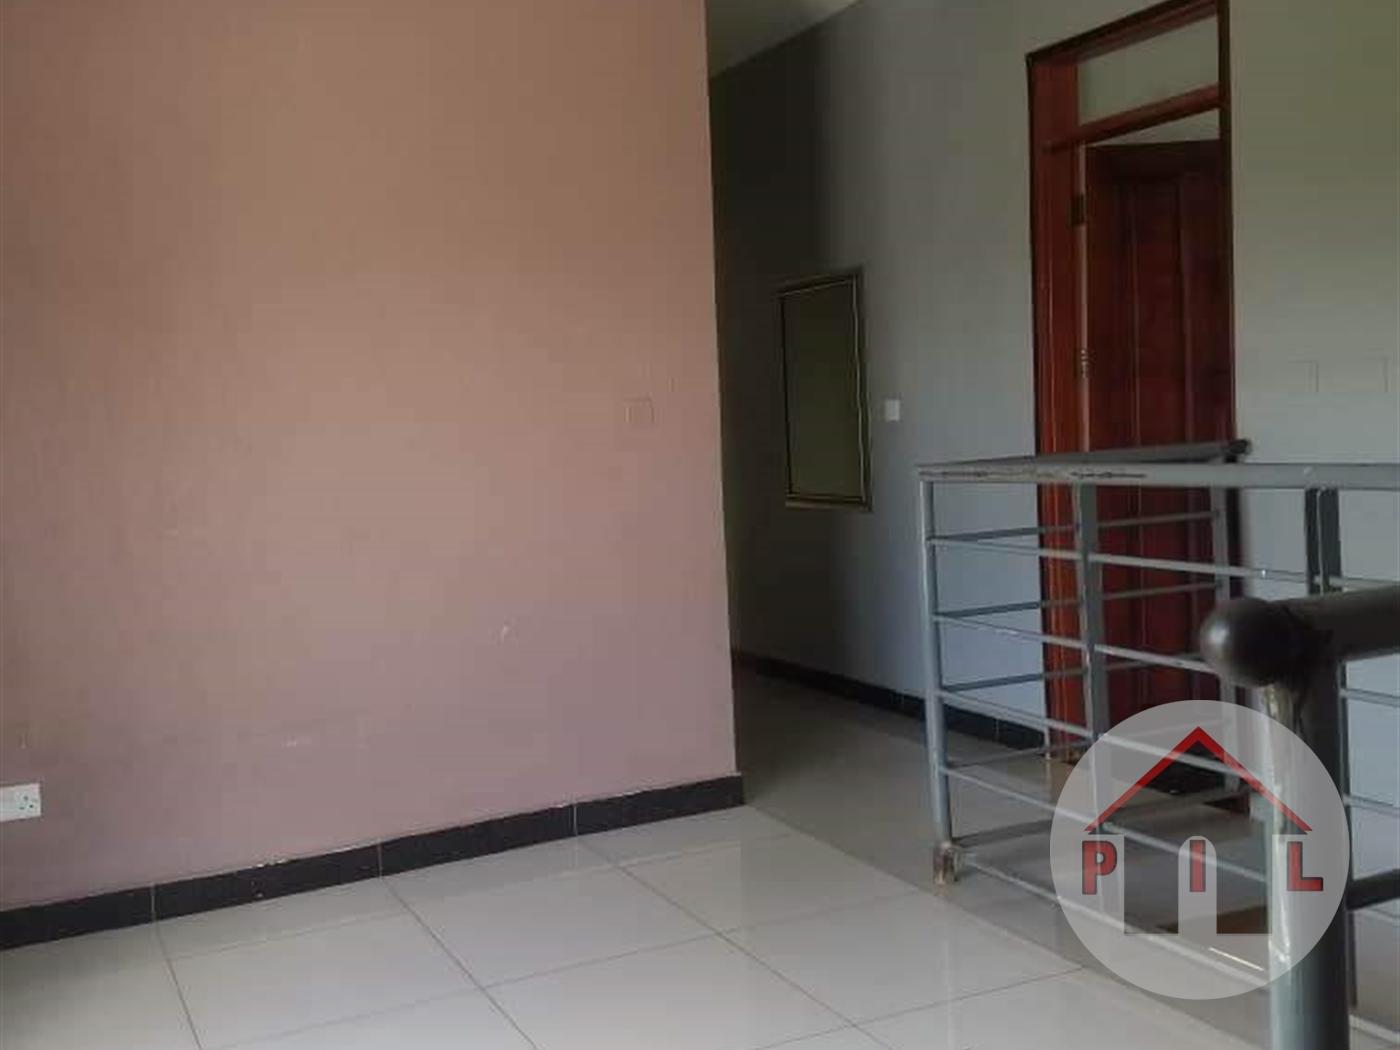 Mansion for sale in Kiwatule Wakiso